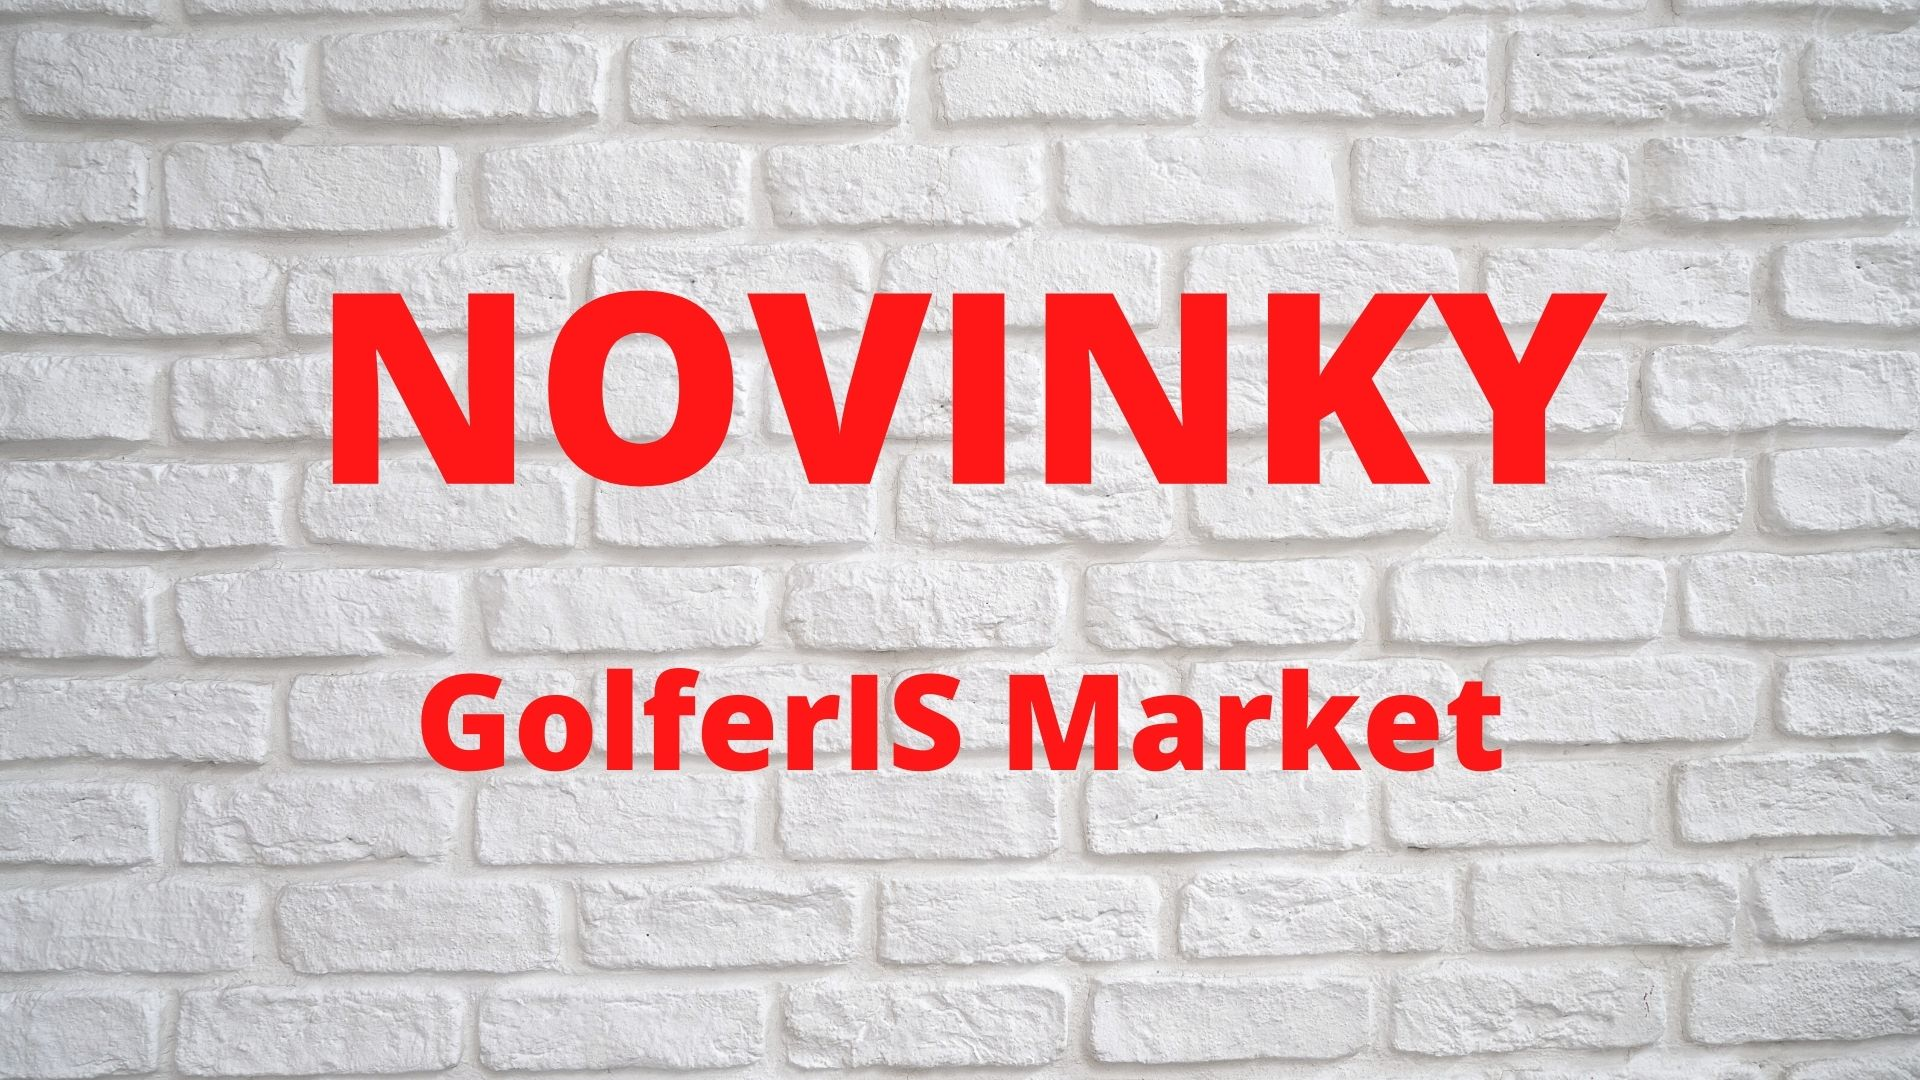 Aktualizace a novinky v GolferIS Market{lang}{lang}{lang}